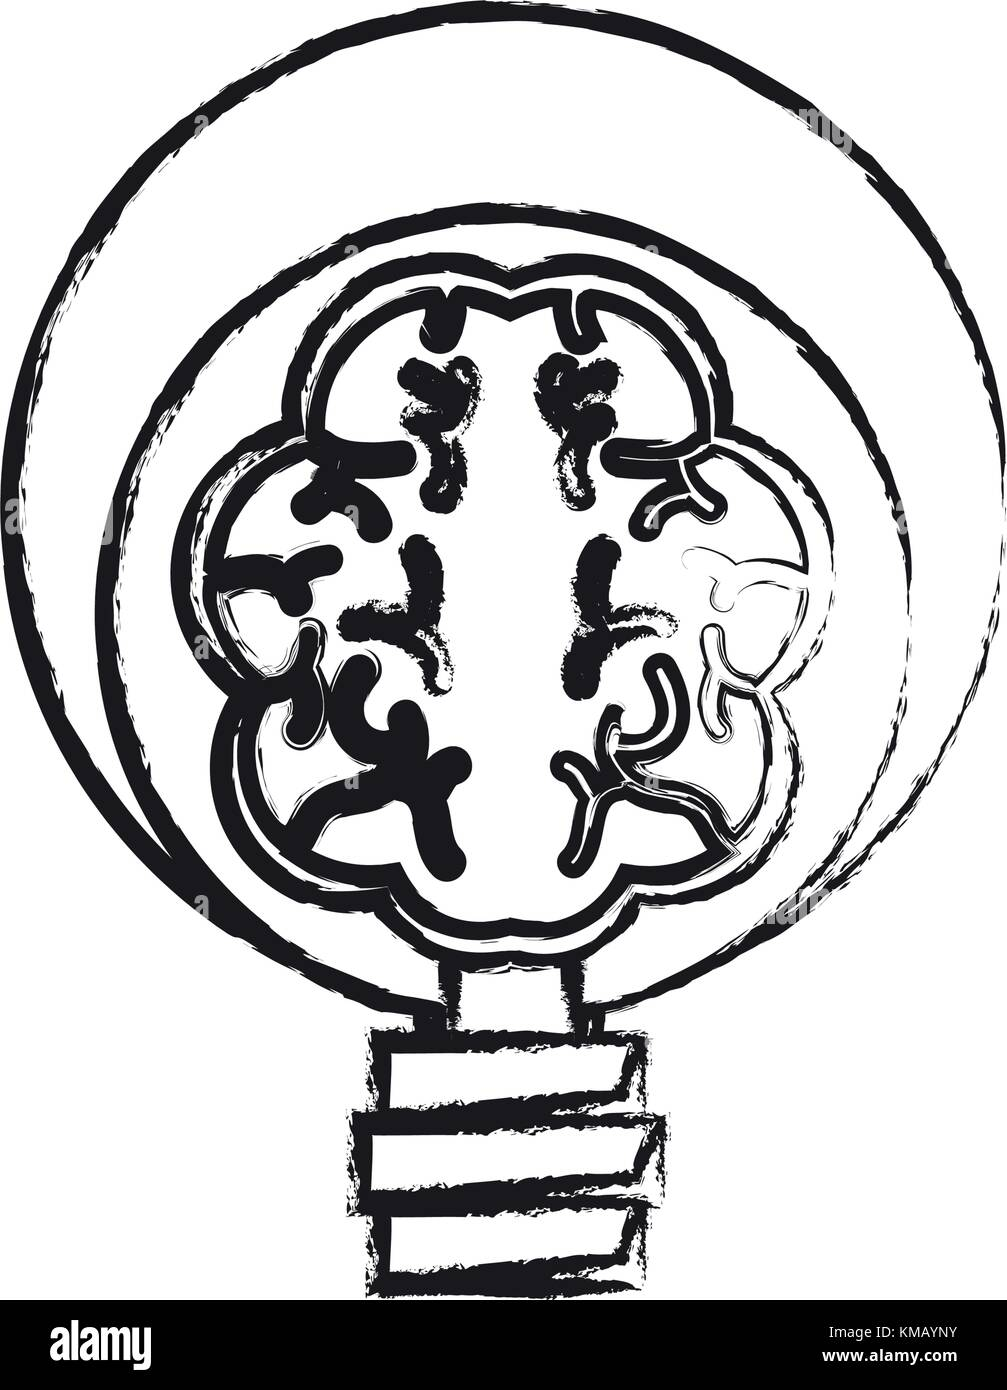 Human brain in lightbulb - Stock Image